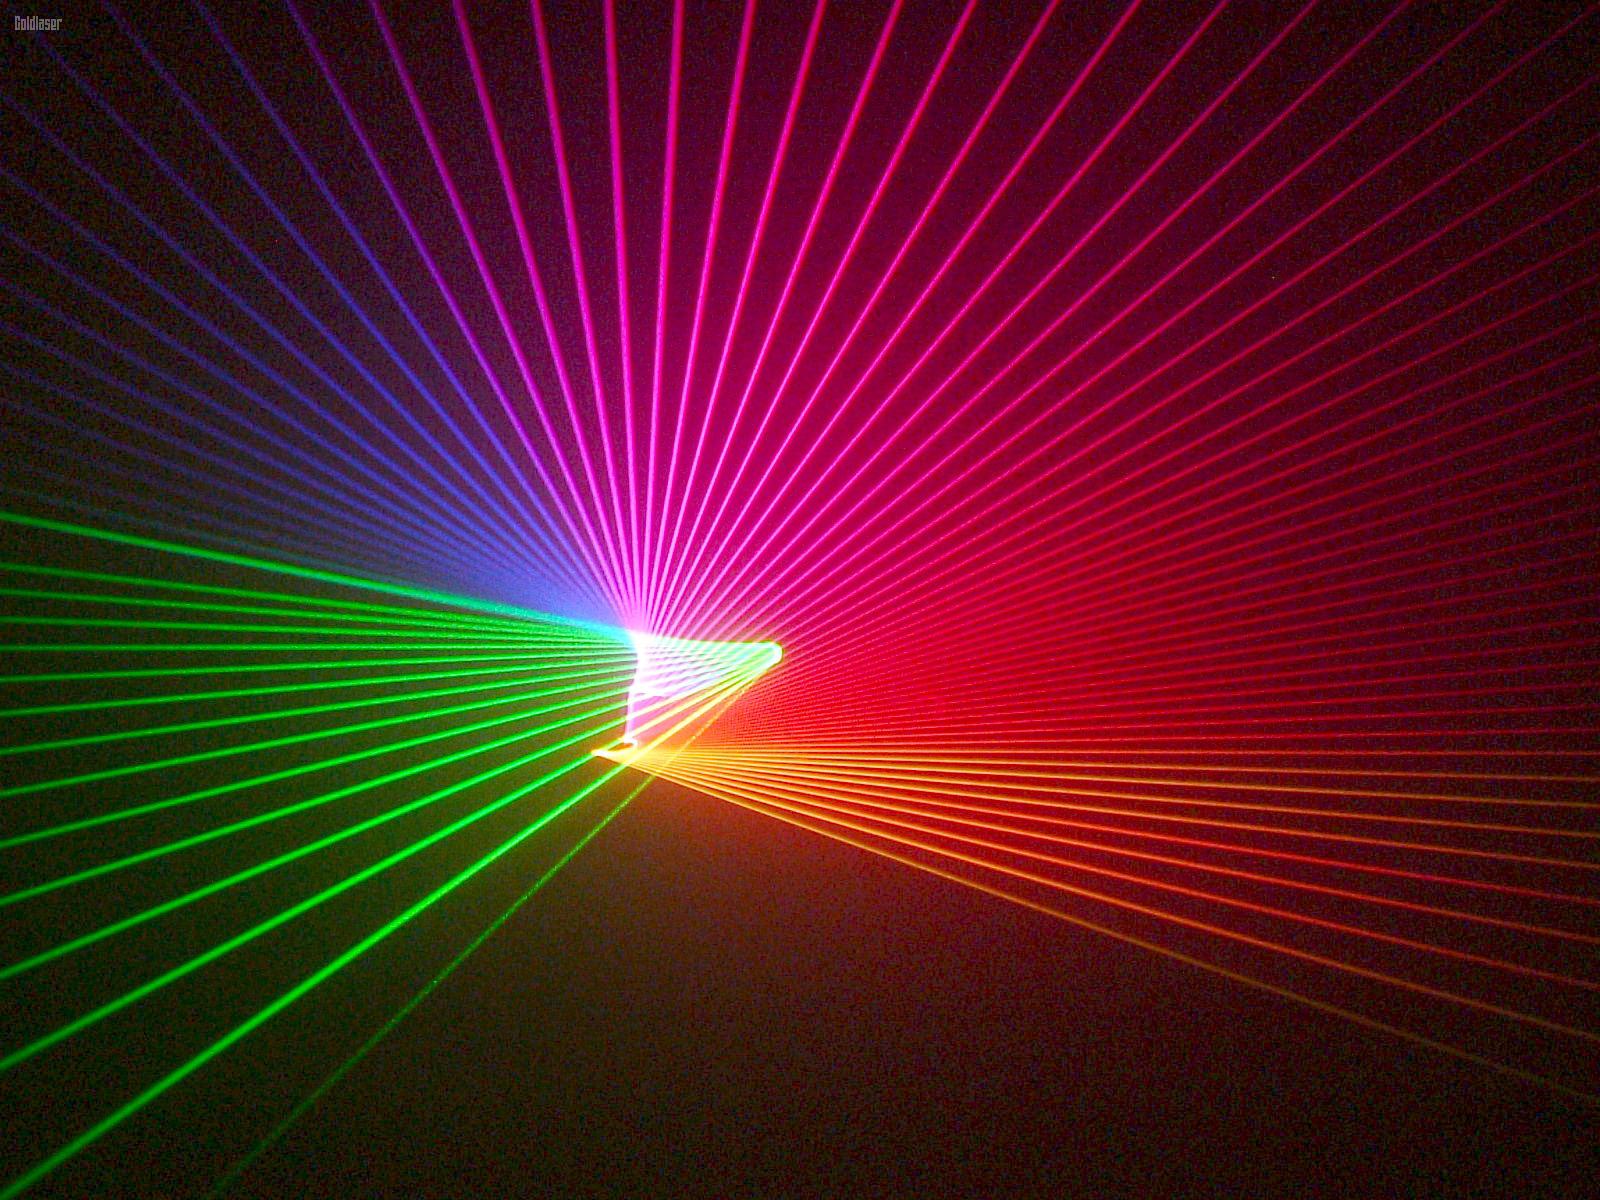 Fonds d'écran Laser PC et Tablettes (iPad, ...